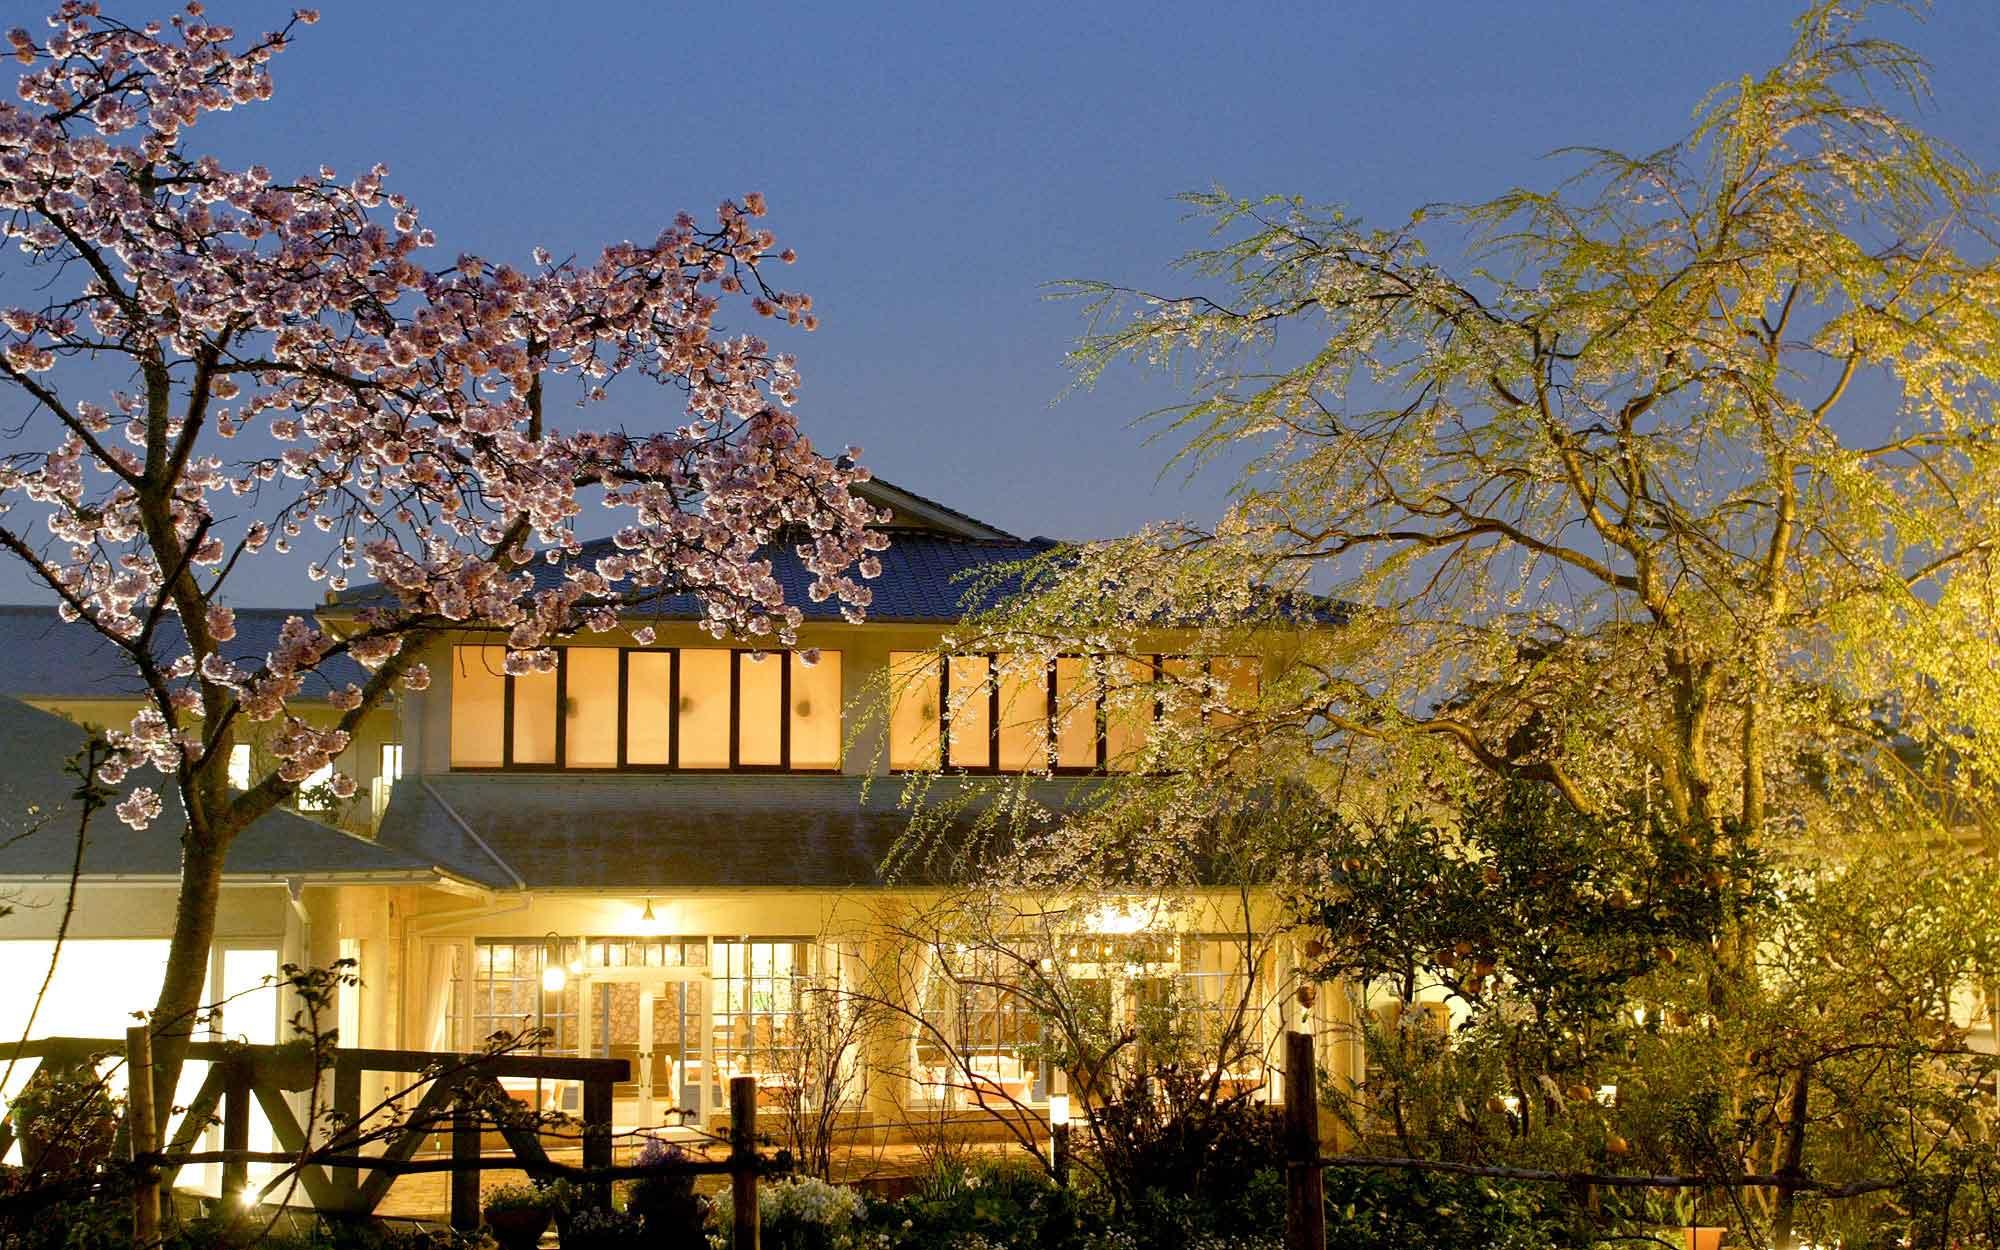 03桜とウィステリア - 山口県 萩市|世界遺産[萩城下町]唯一の旅館 萩城三の丸 北門屋敷